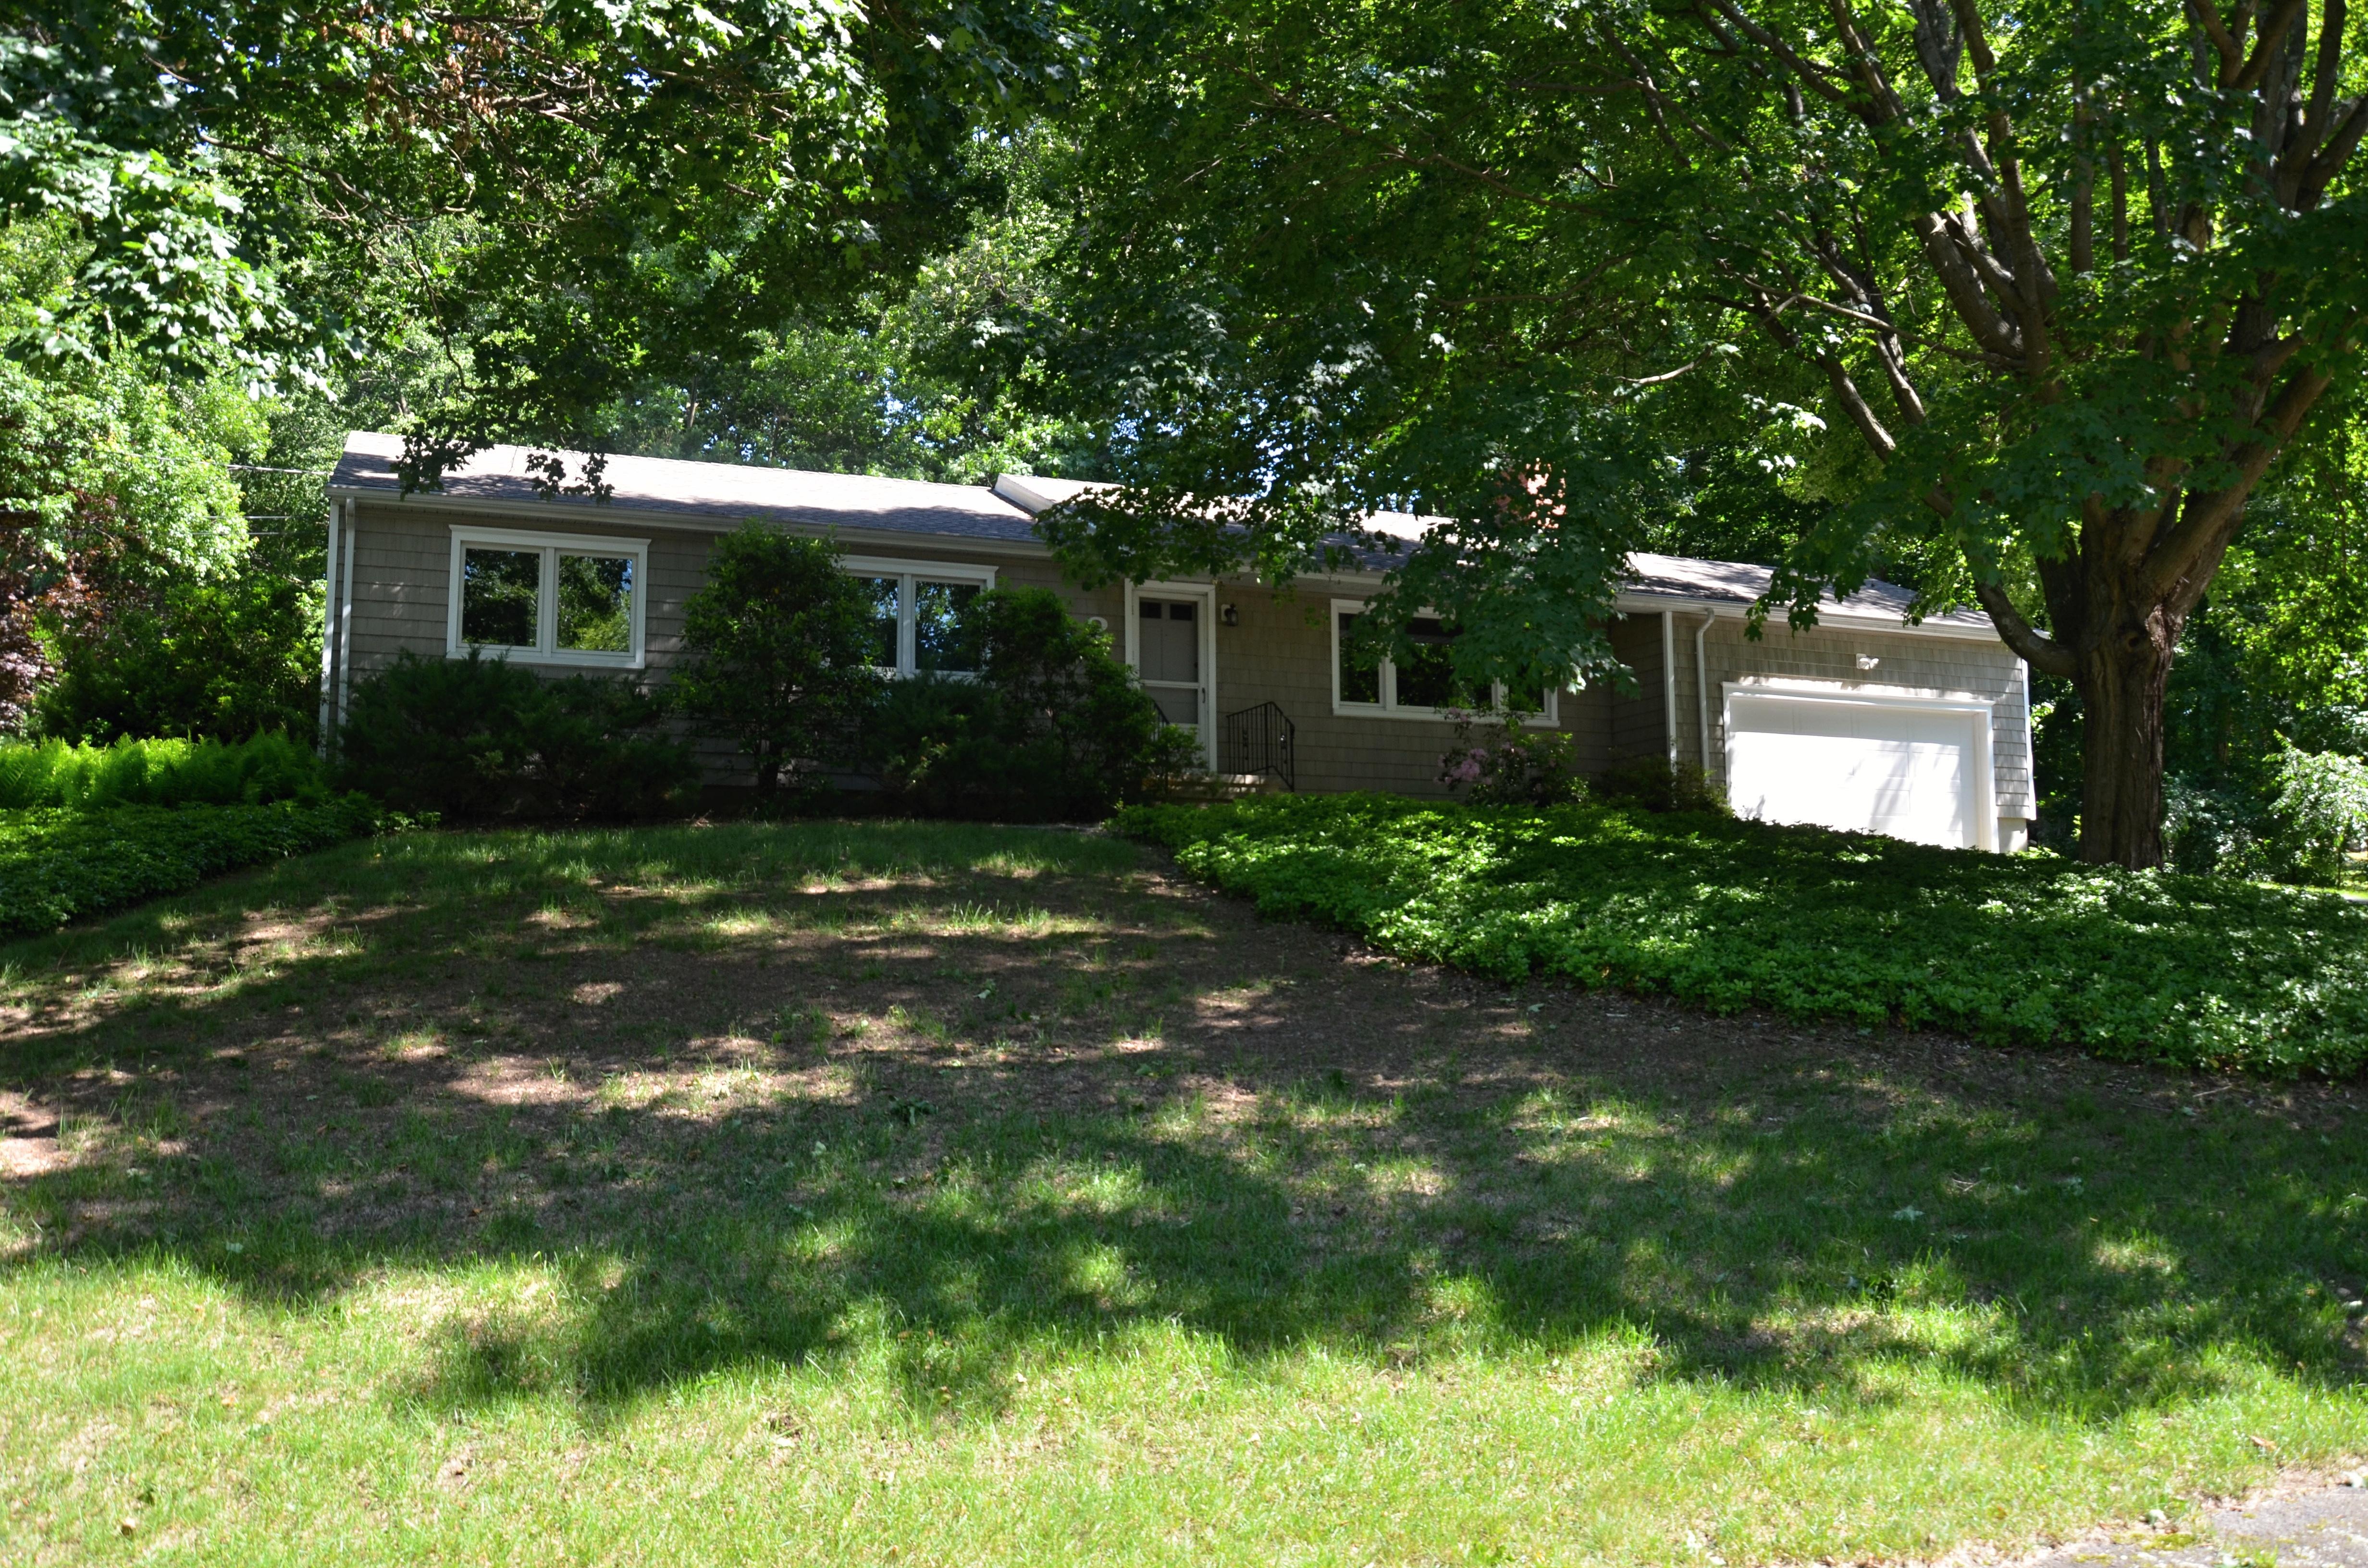 Maison unifamiliale pour l Vente à Wonderful Ranch On Very Private Cul de Sac 2 Woodchuck Court West Norwalk, Connecticut, 06854 États-Unis